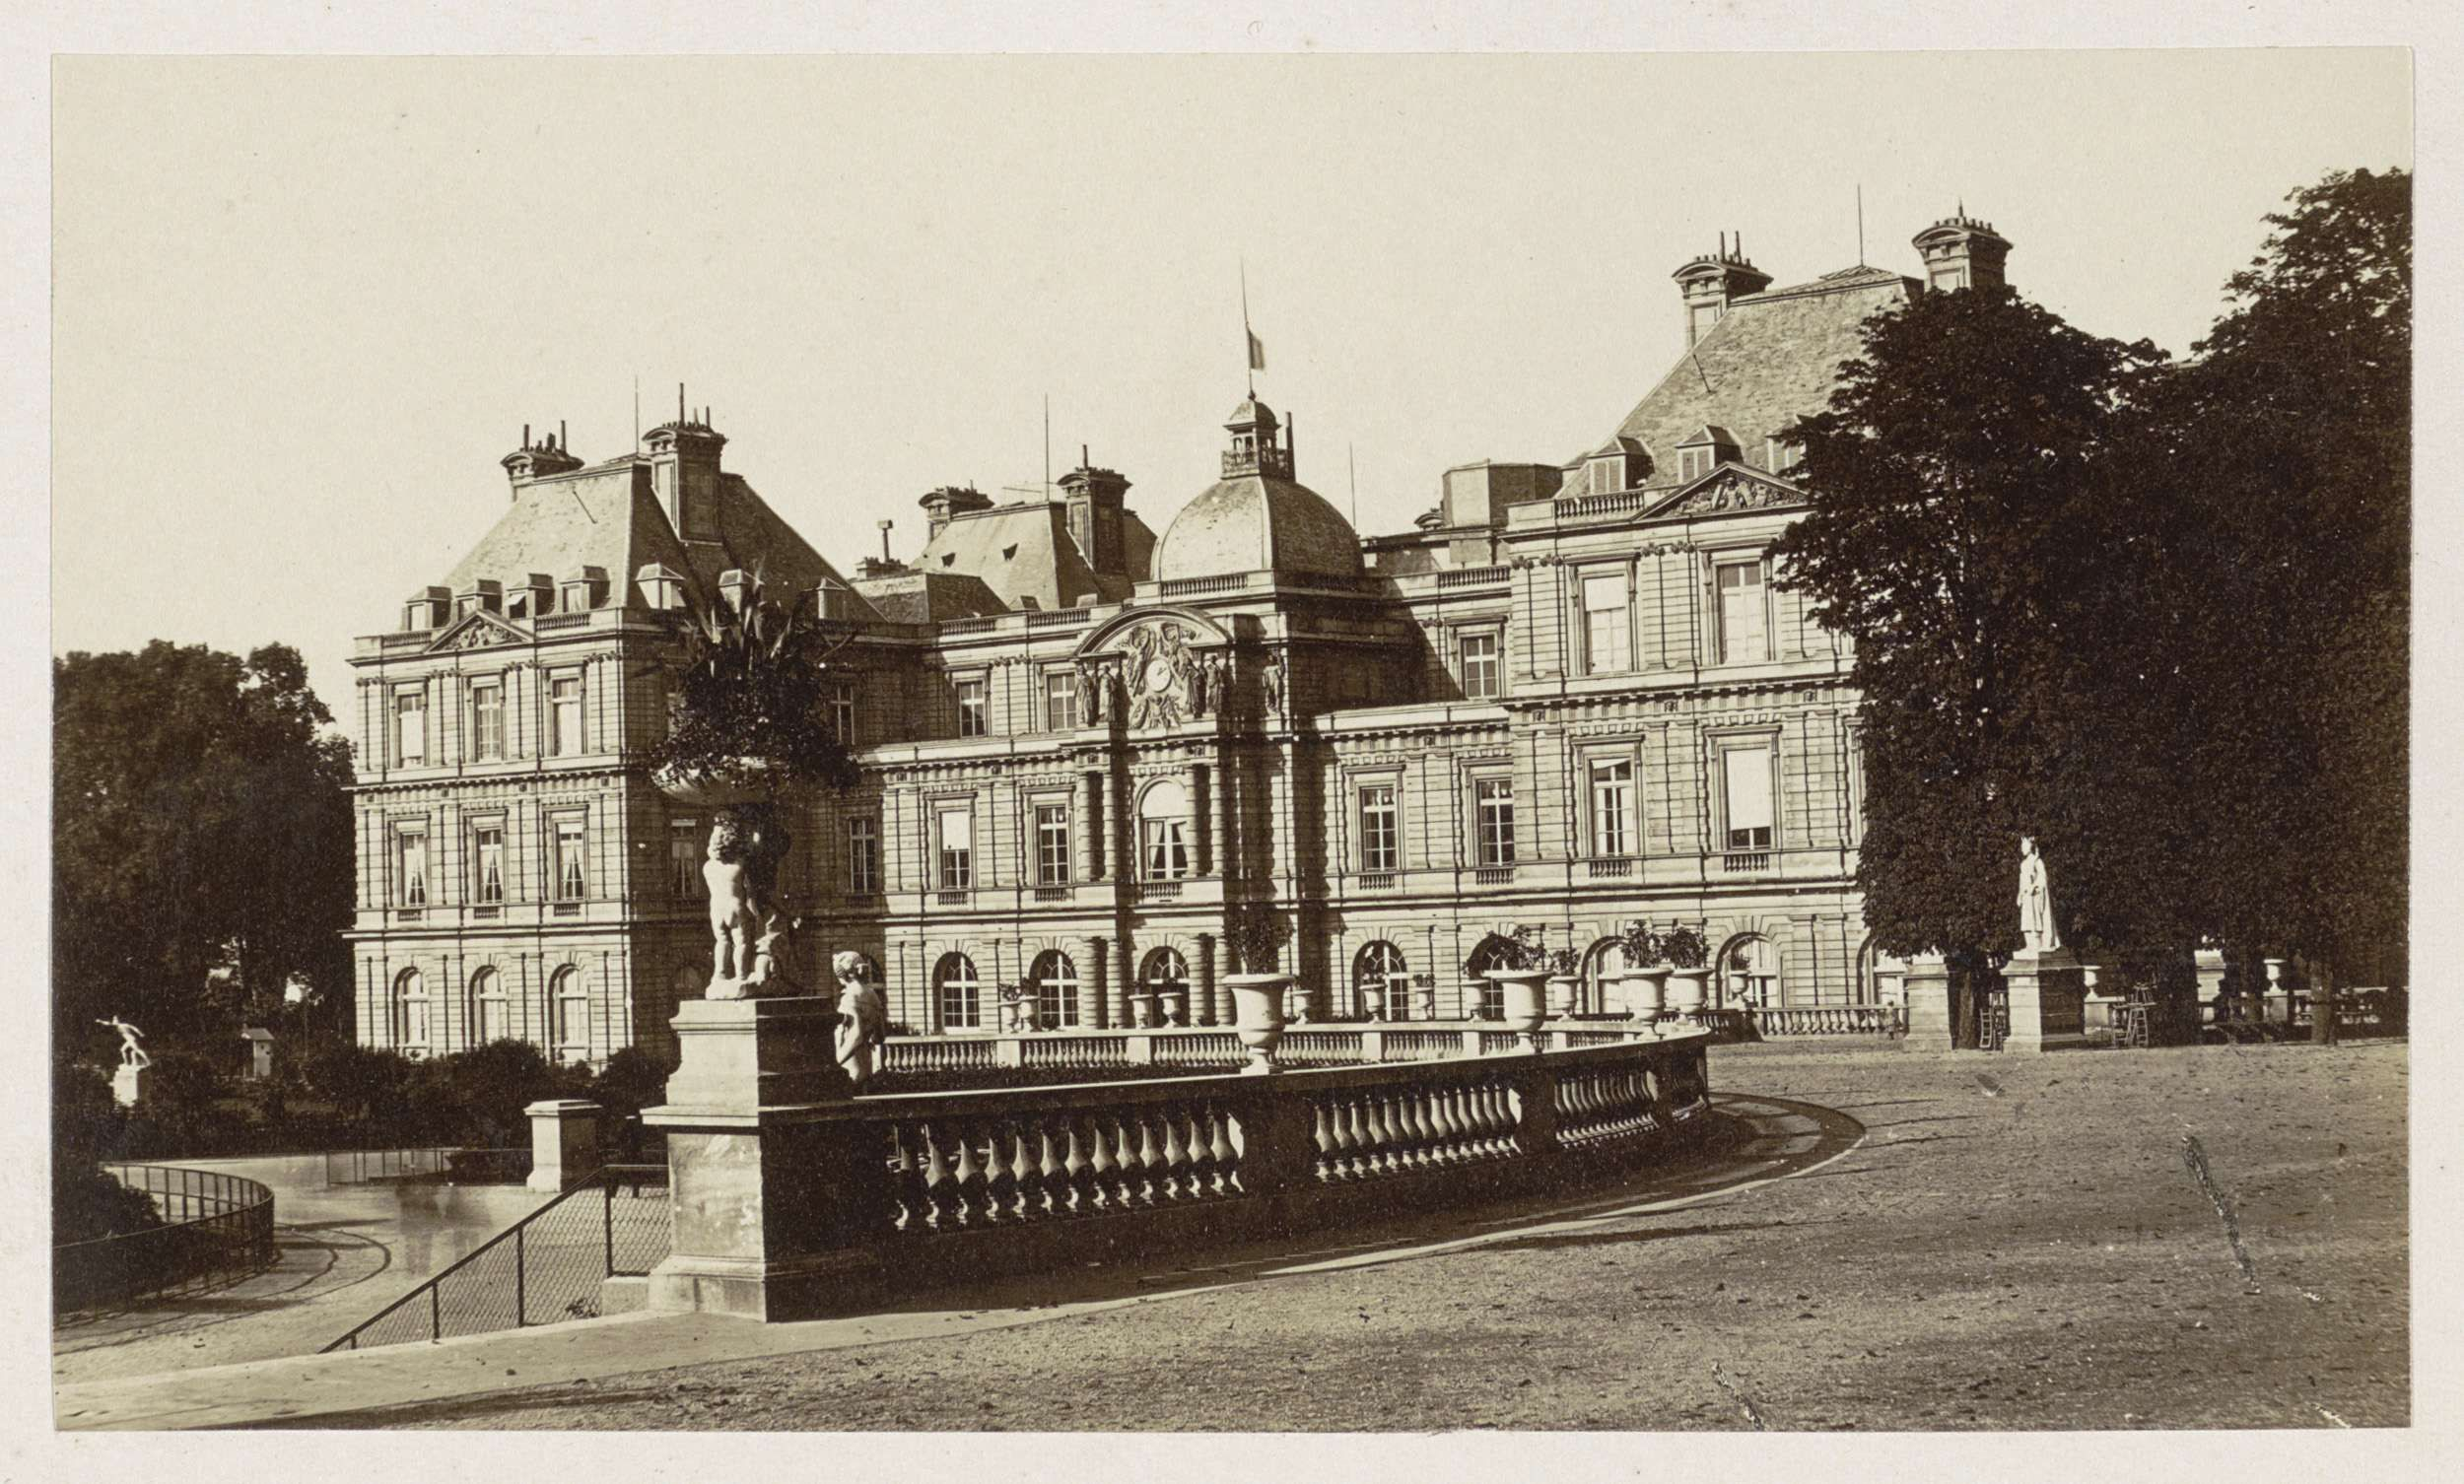 Anonymous   Exterieur van het Palais du Luxembourg in Parijs, Anonymous, 1878 - 1890   Onderdeel van Reisalbum Europese steden, vermoedelijk Zweeds.